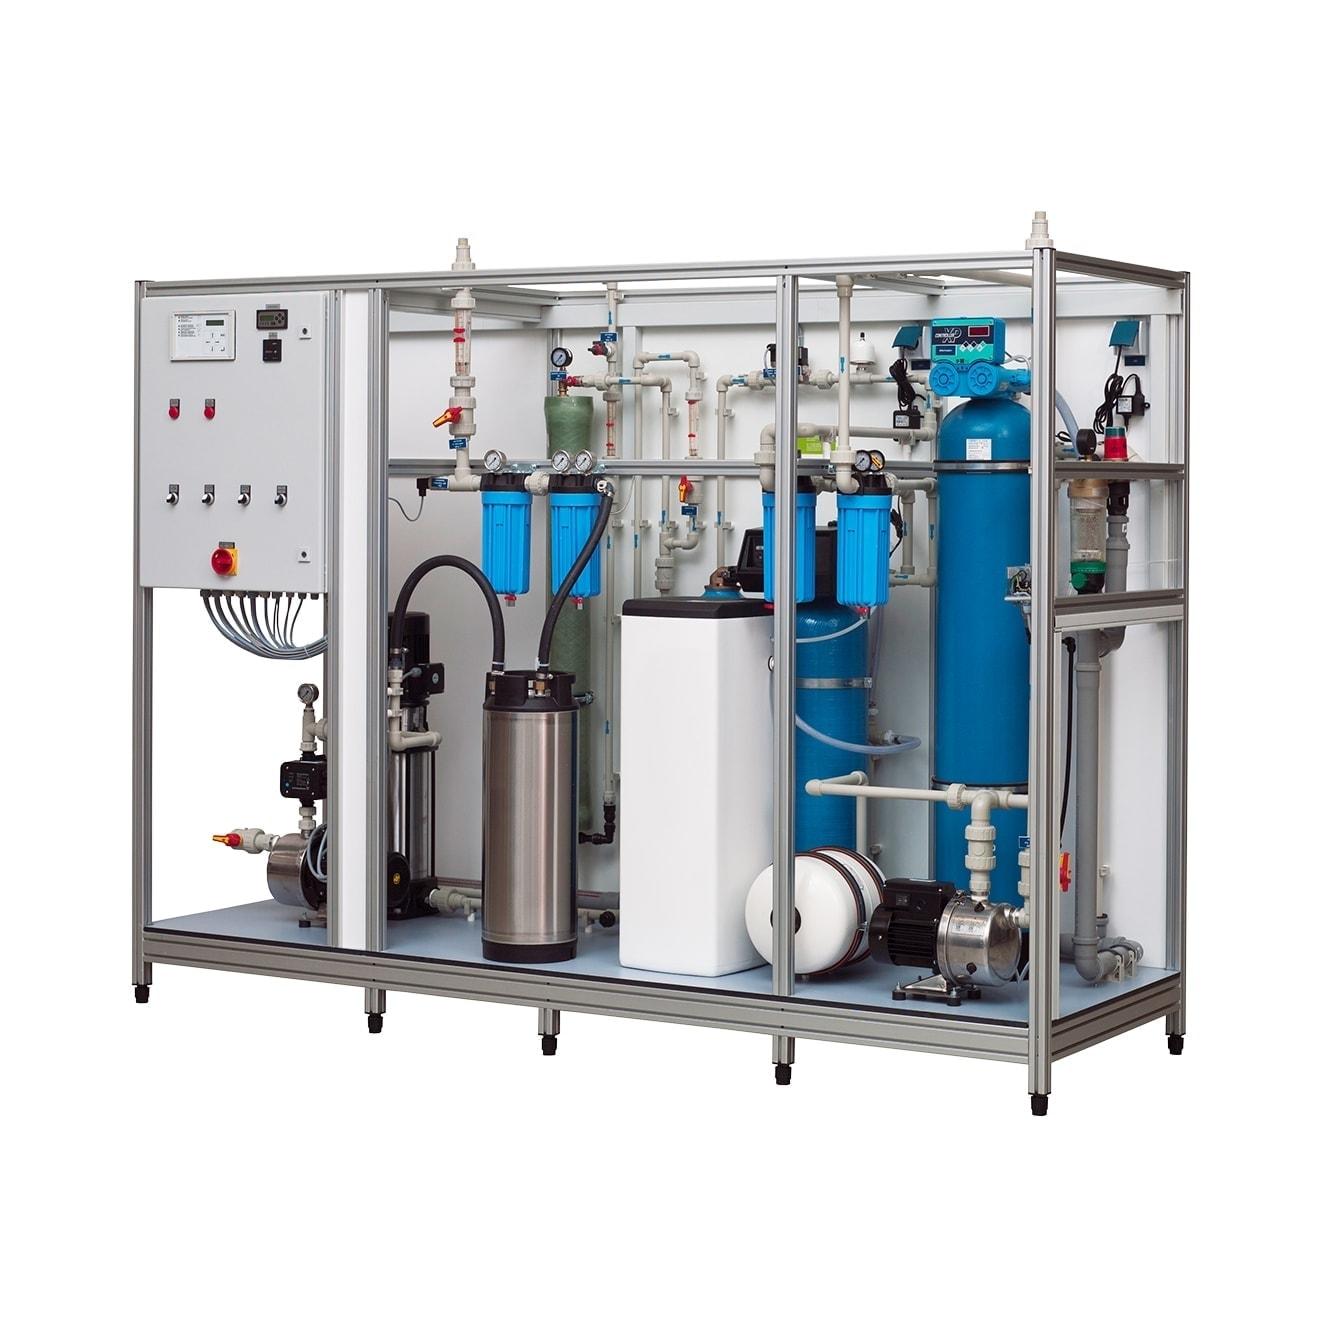 Osmose-Anlagen zur Wasseraufbereitung